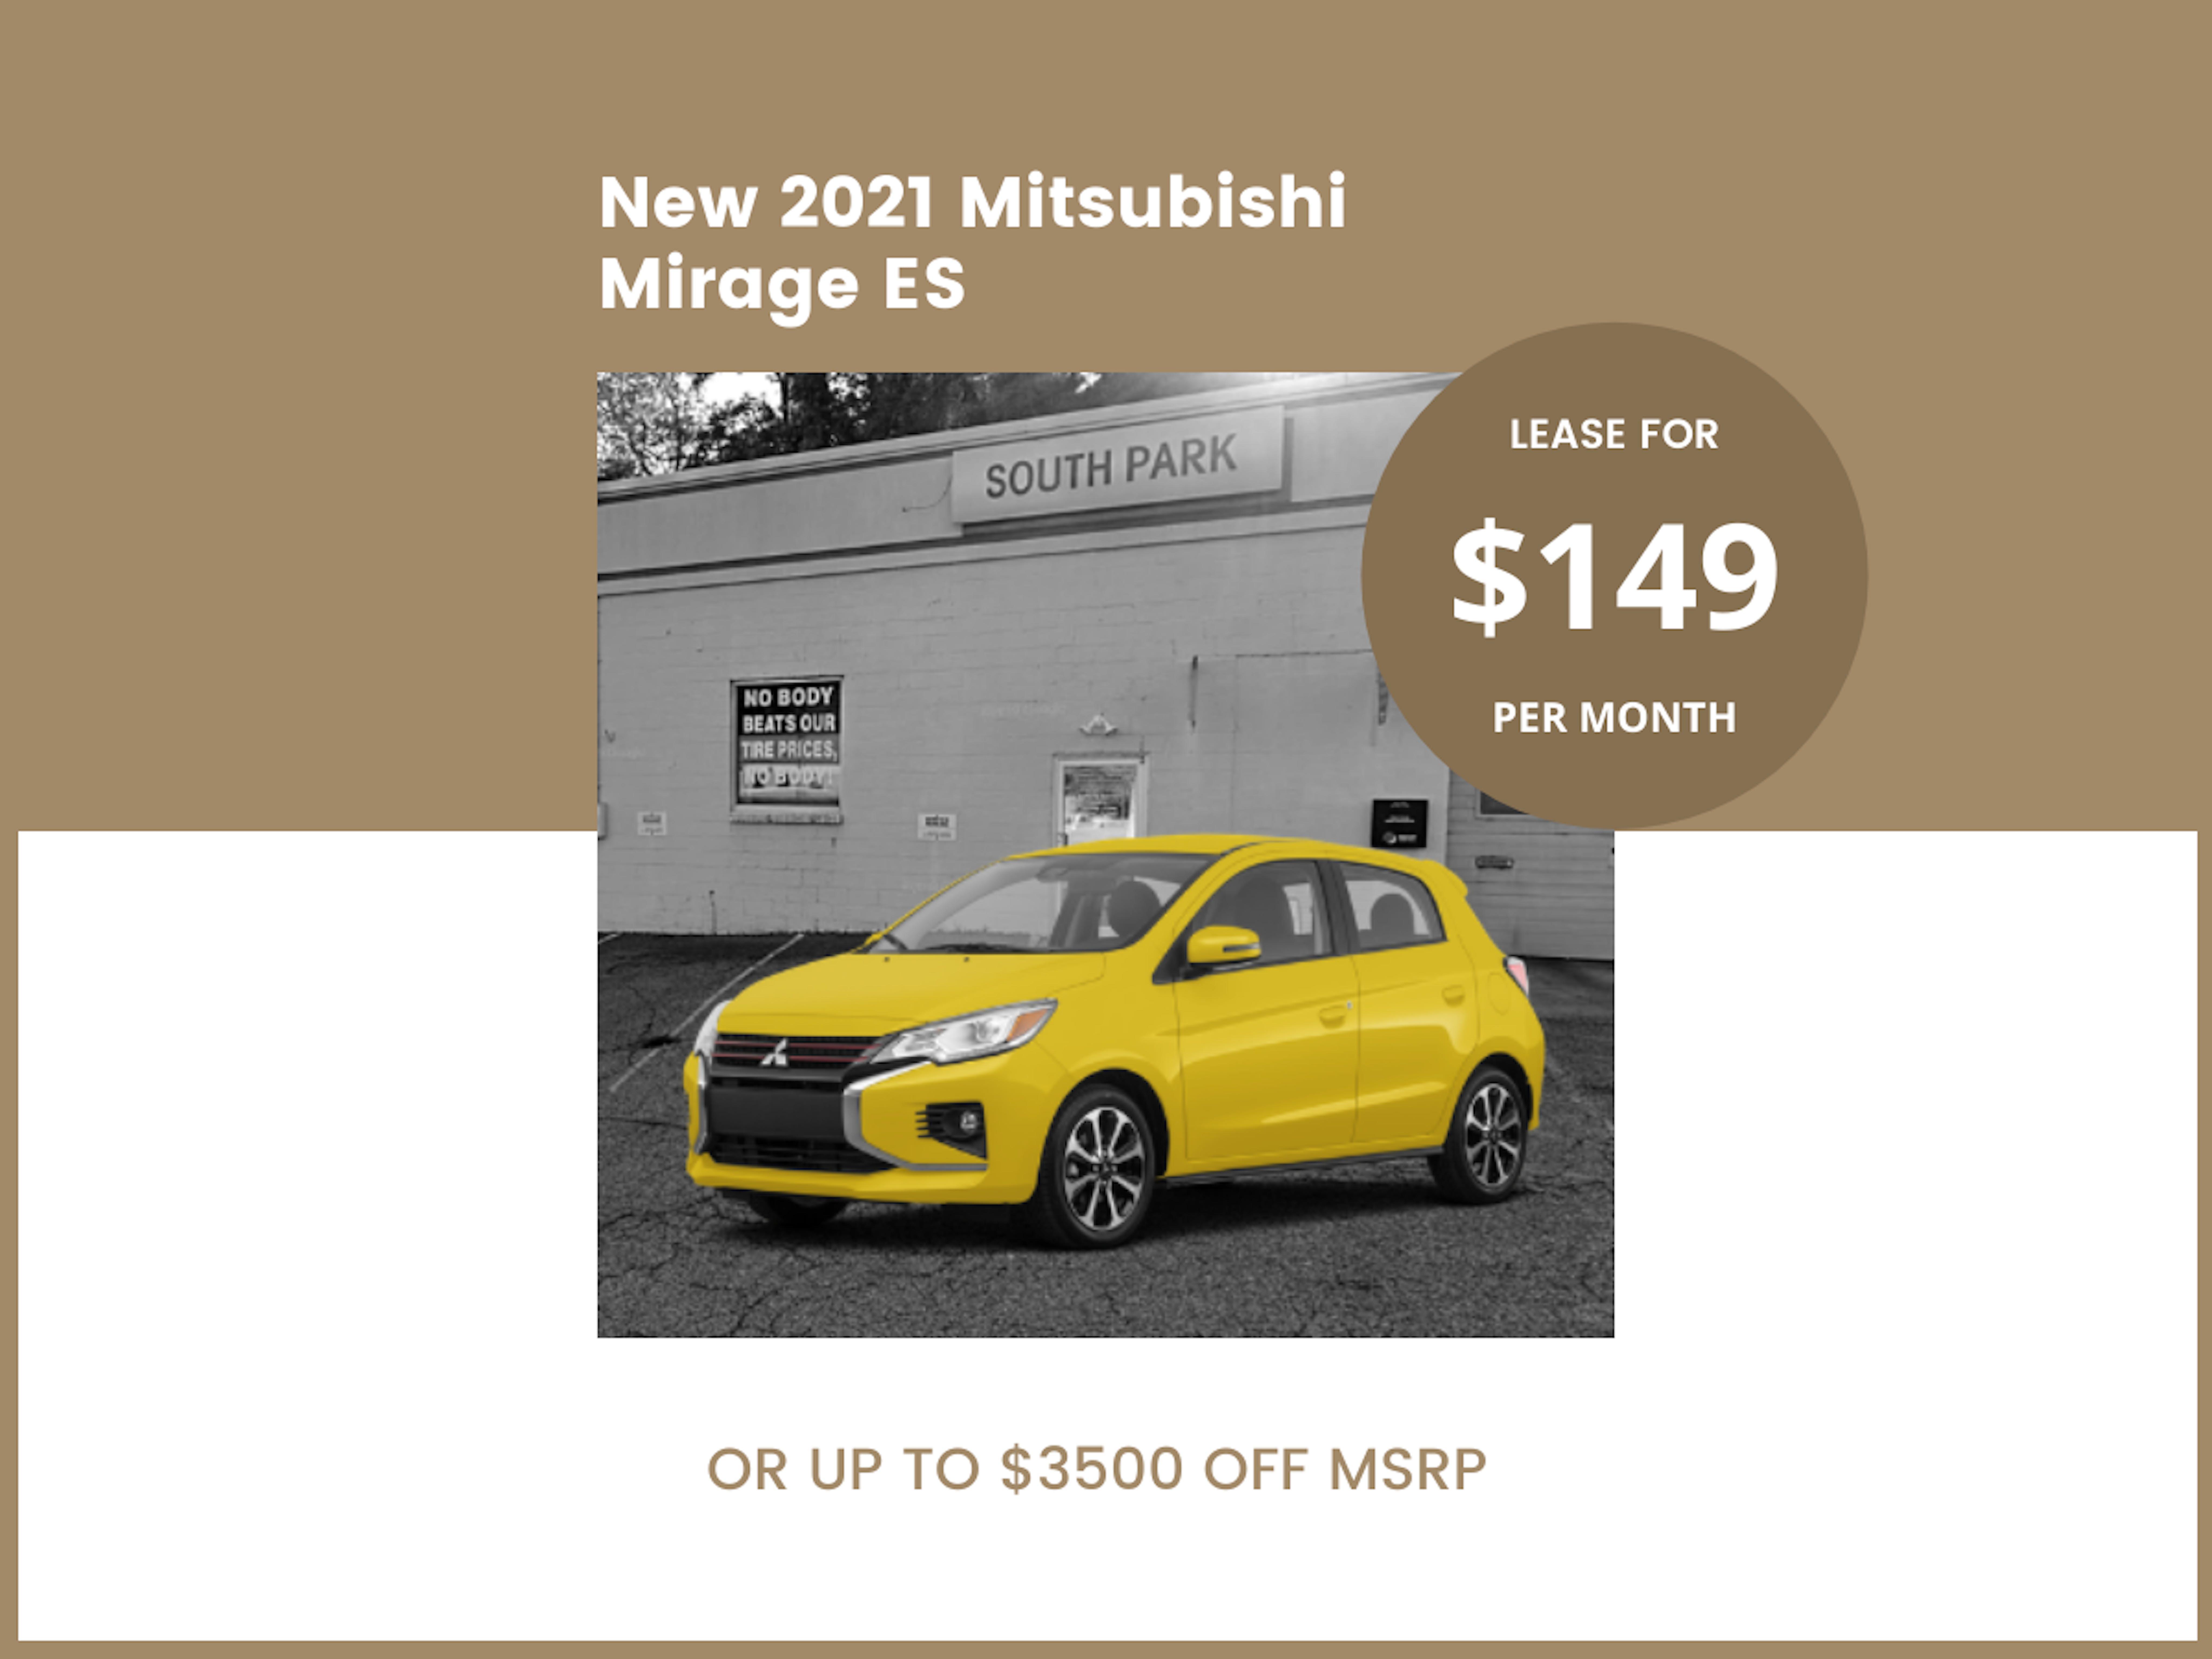 2021 NEW MITSUBISHI MIRAGE G4